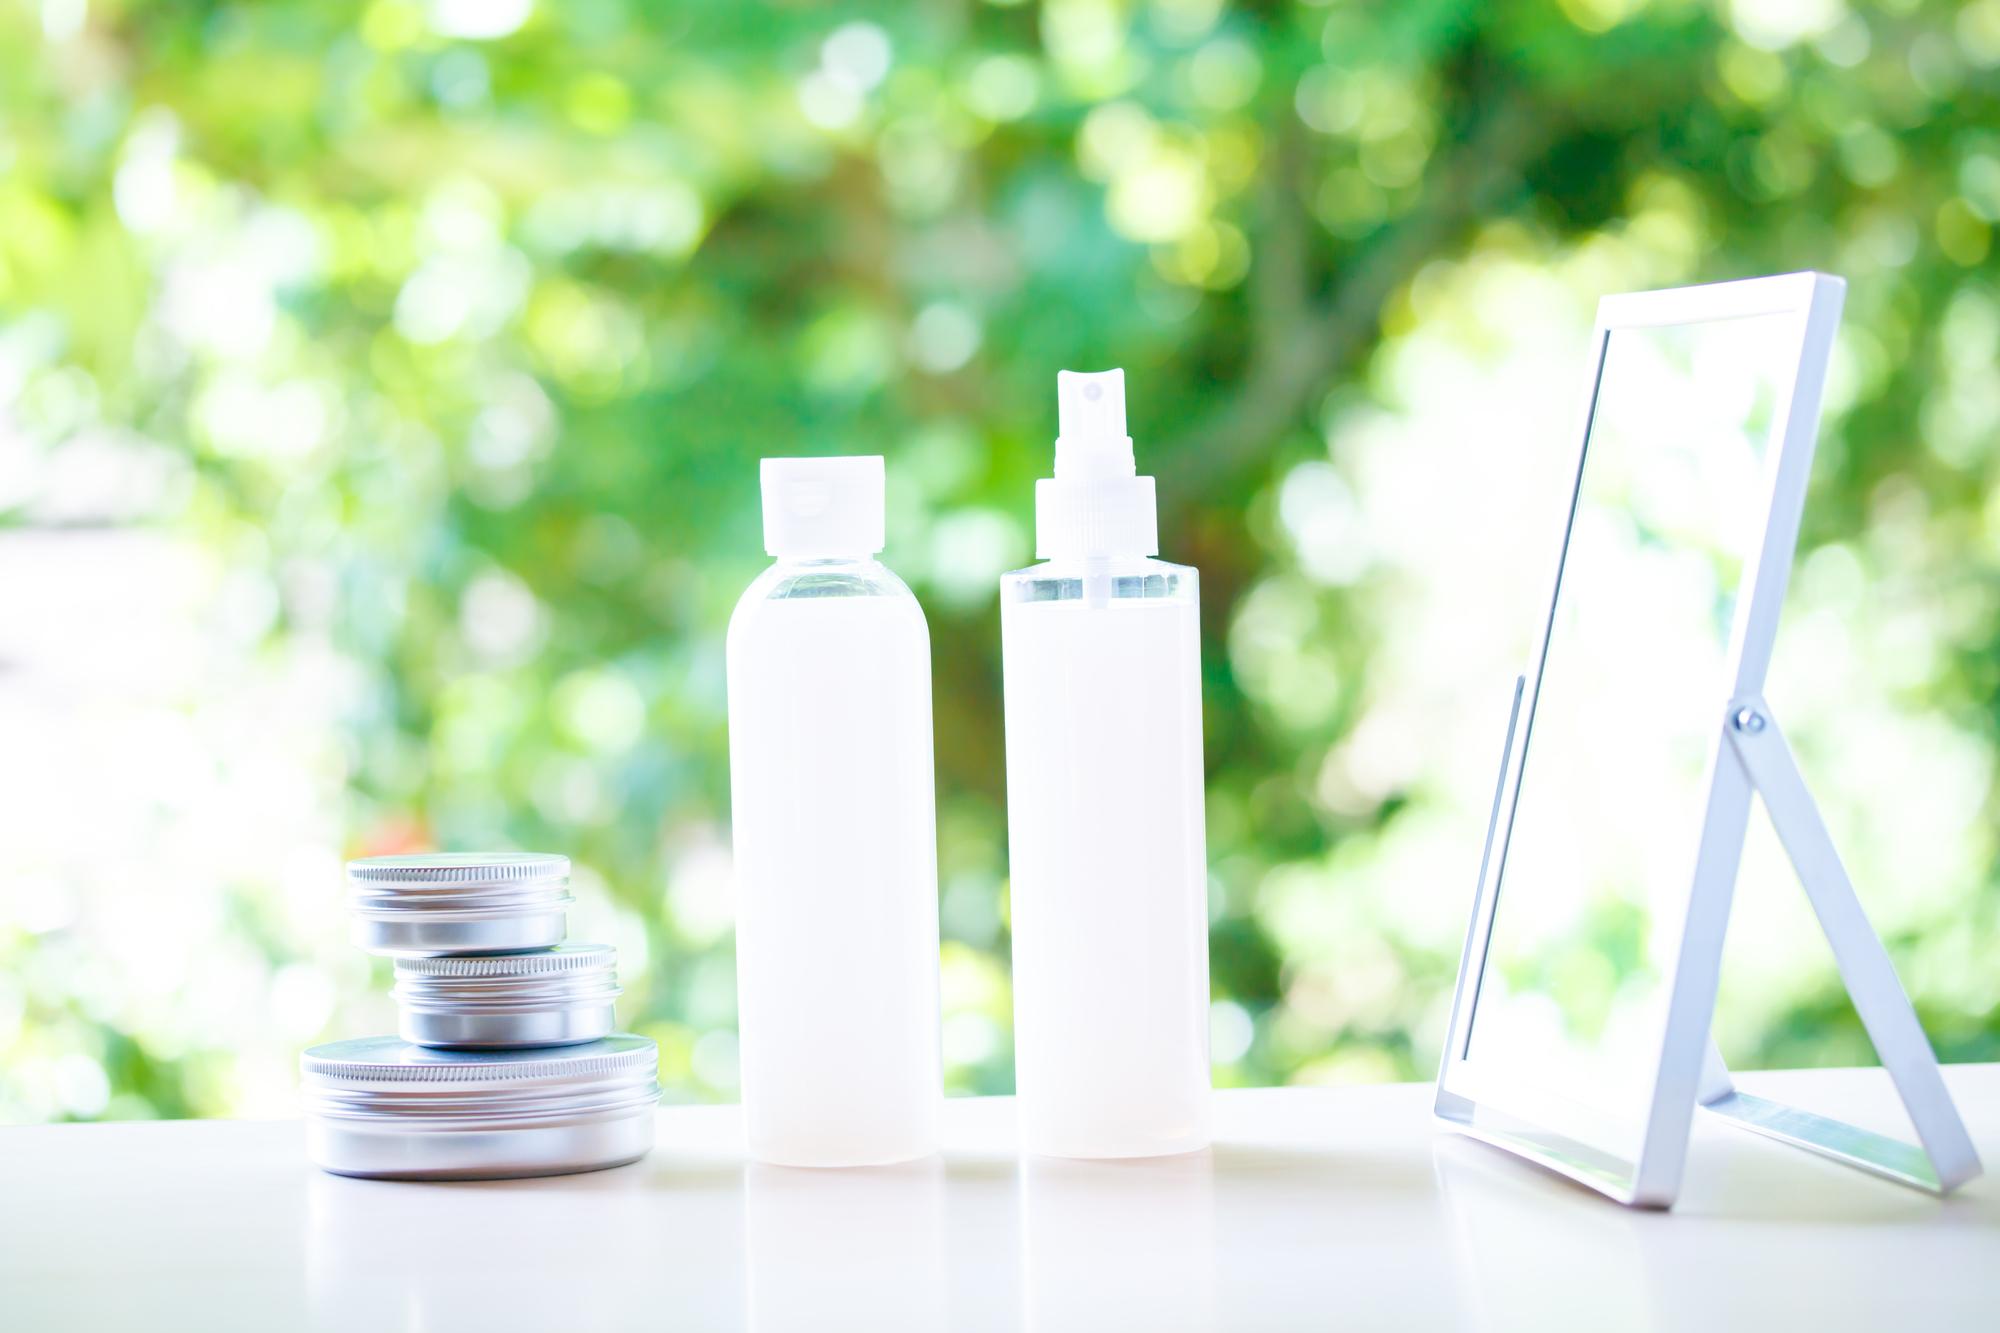 インナードライ肌におすすめの化粧水ランキングTOP5 保湿&バリア改善が叶う人気コスメは?